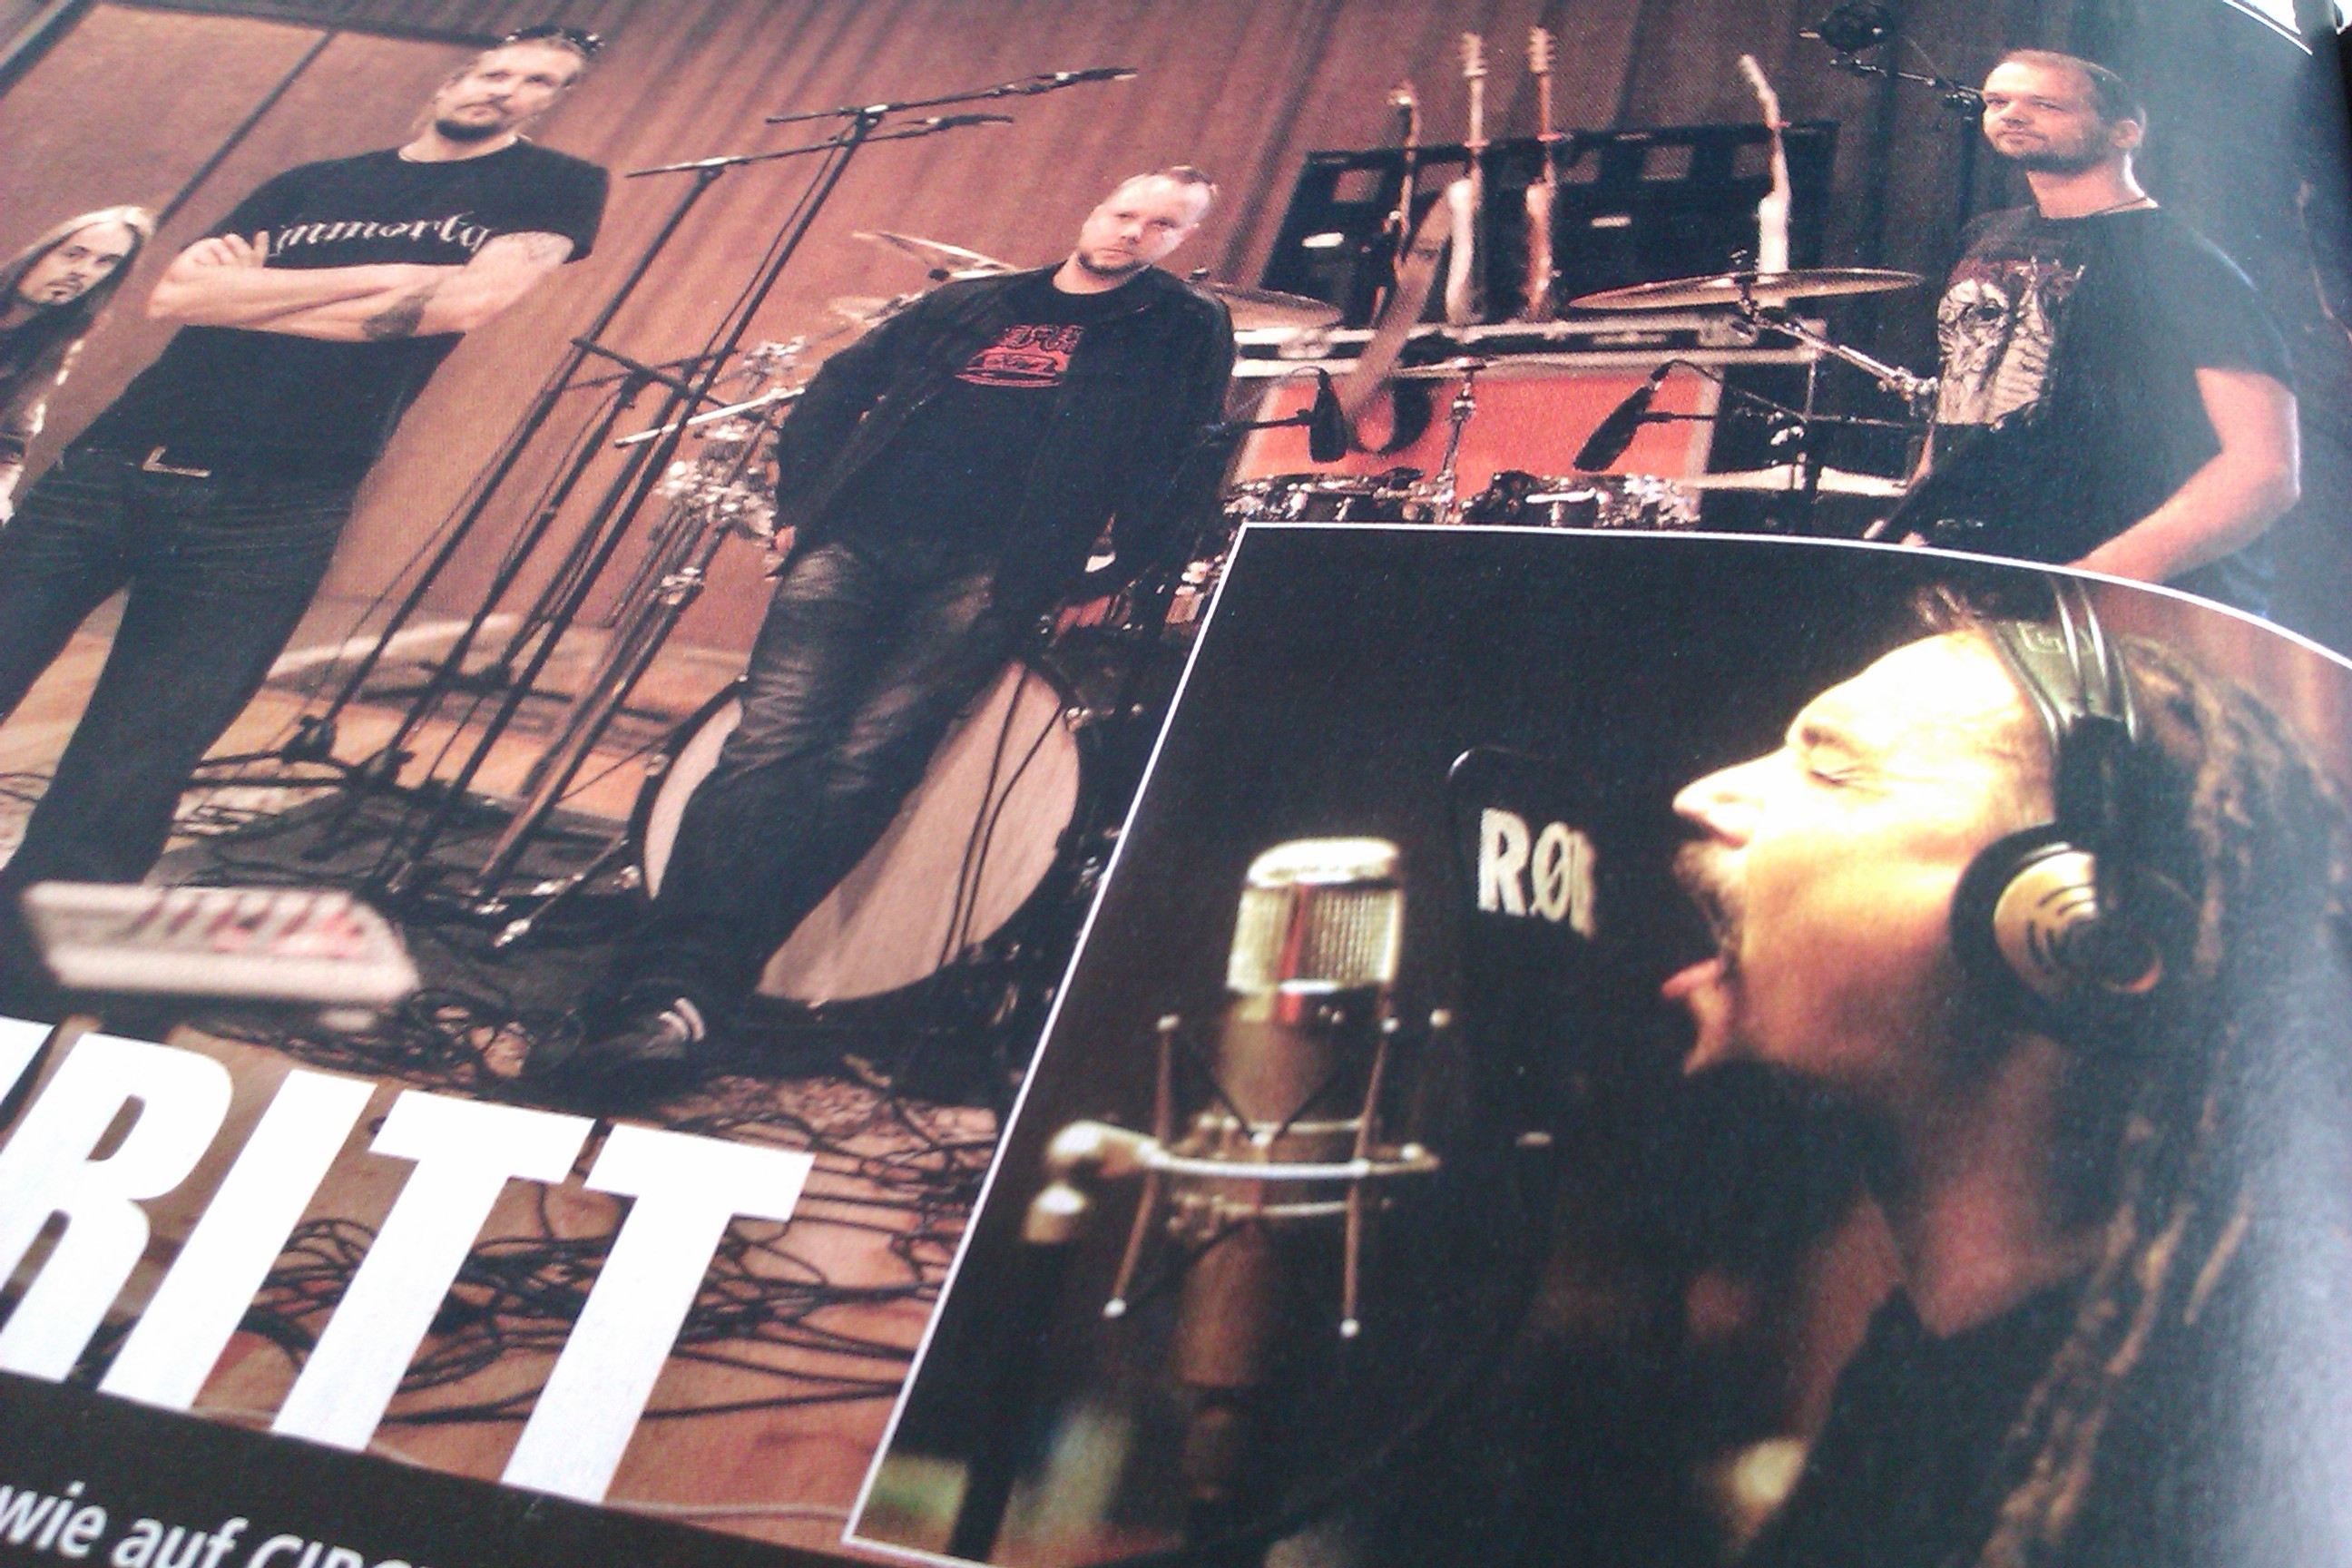 Wir haben CIRCLE von Amorphis bereits hören dürfen und verraten euch hier in der Galerie Song für Song, wie das Album klin